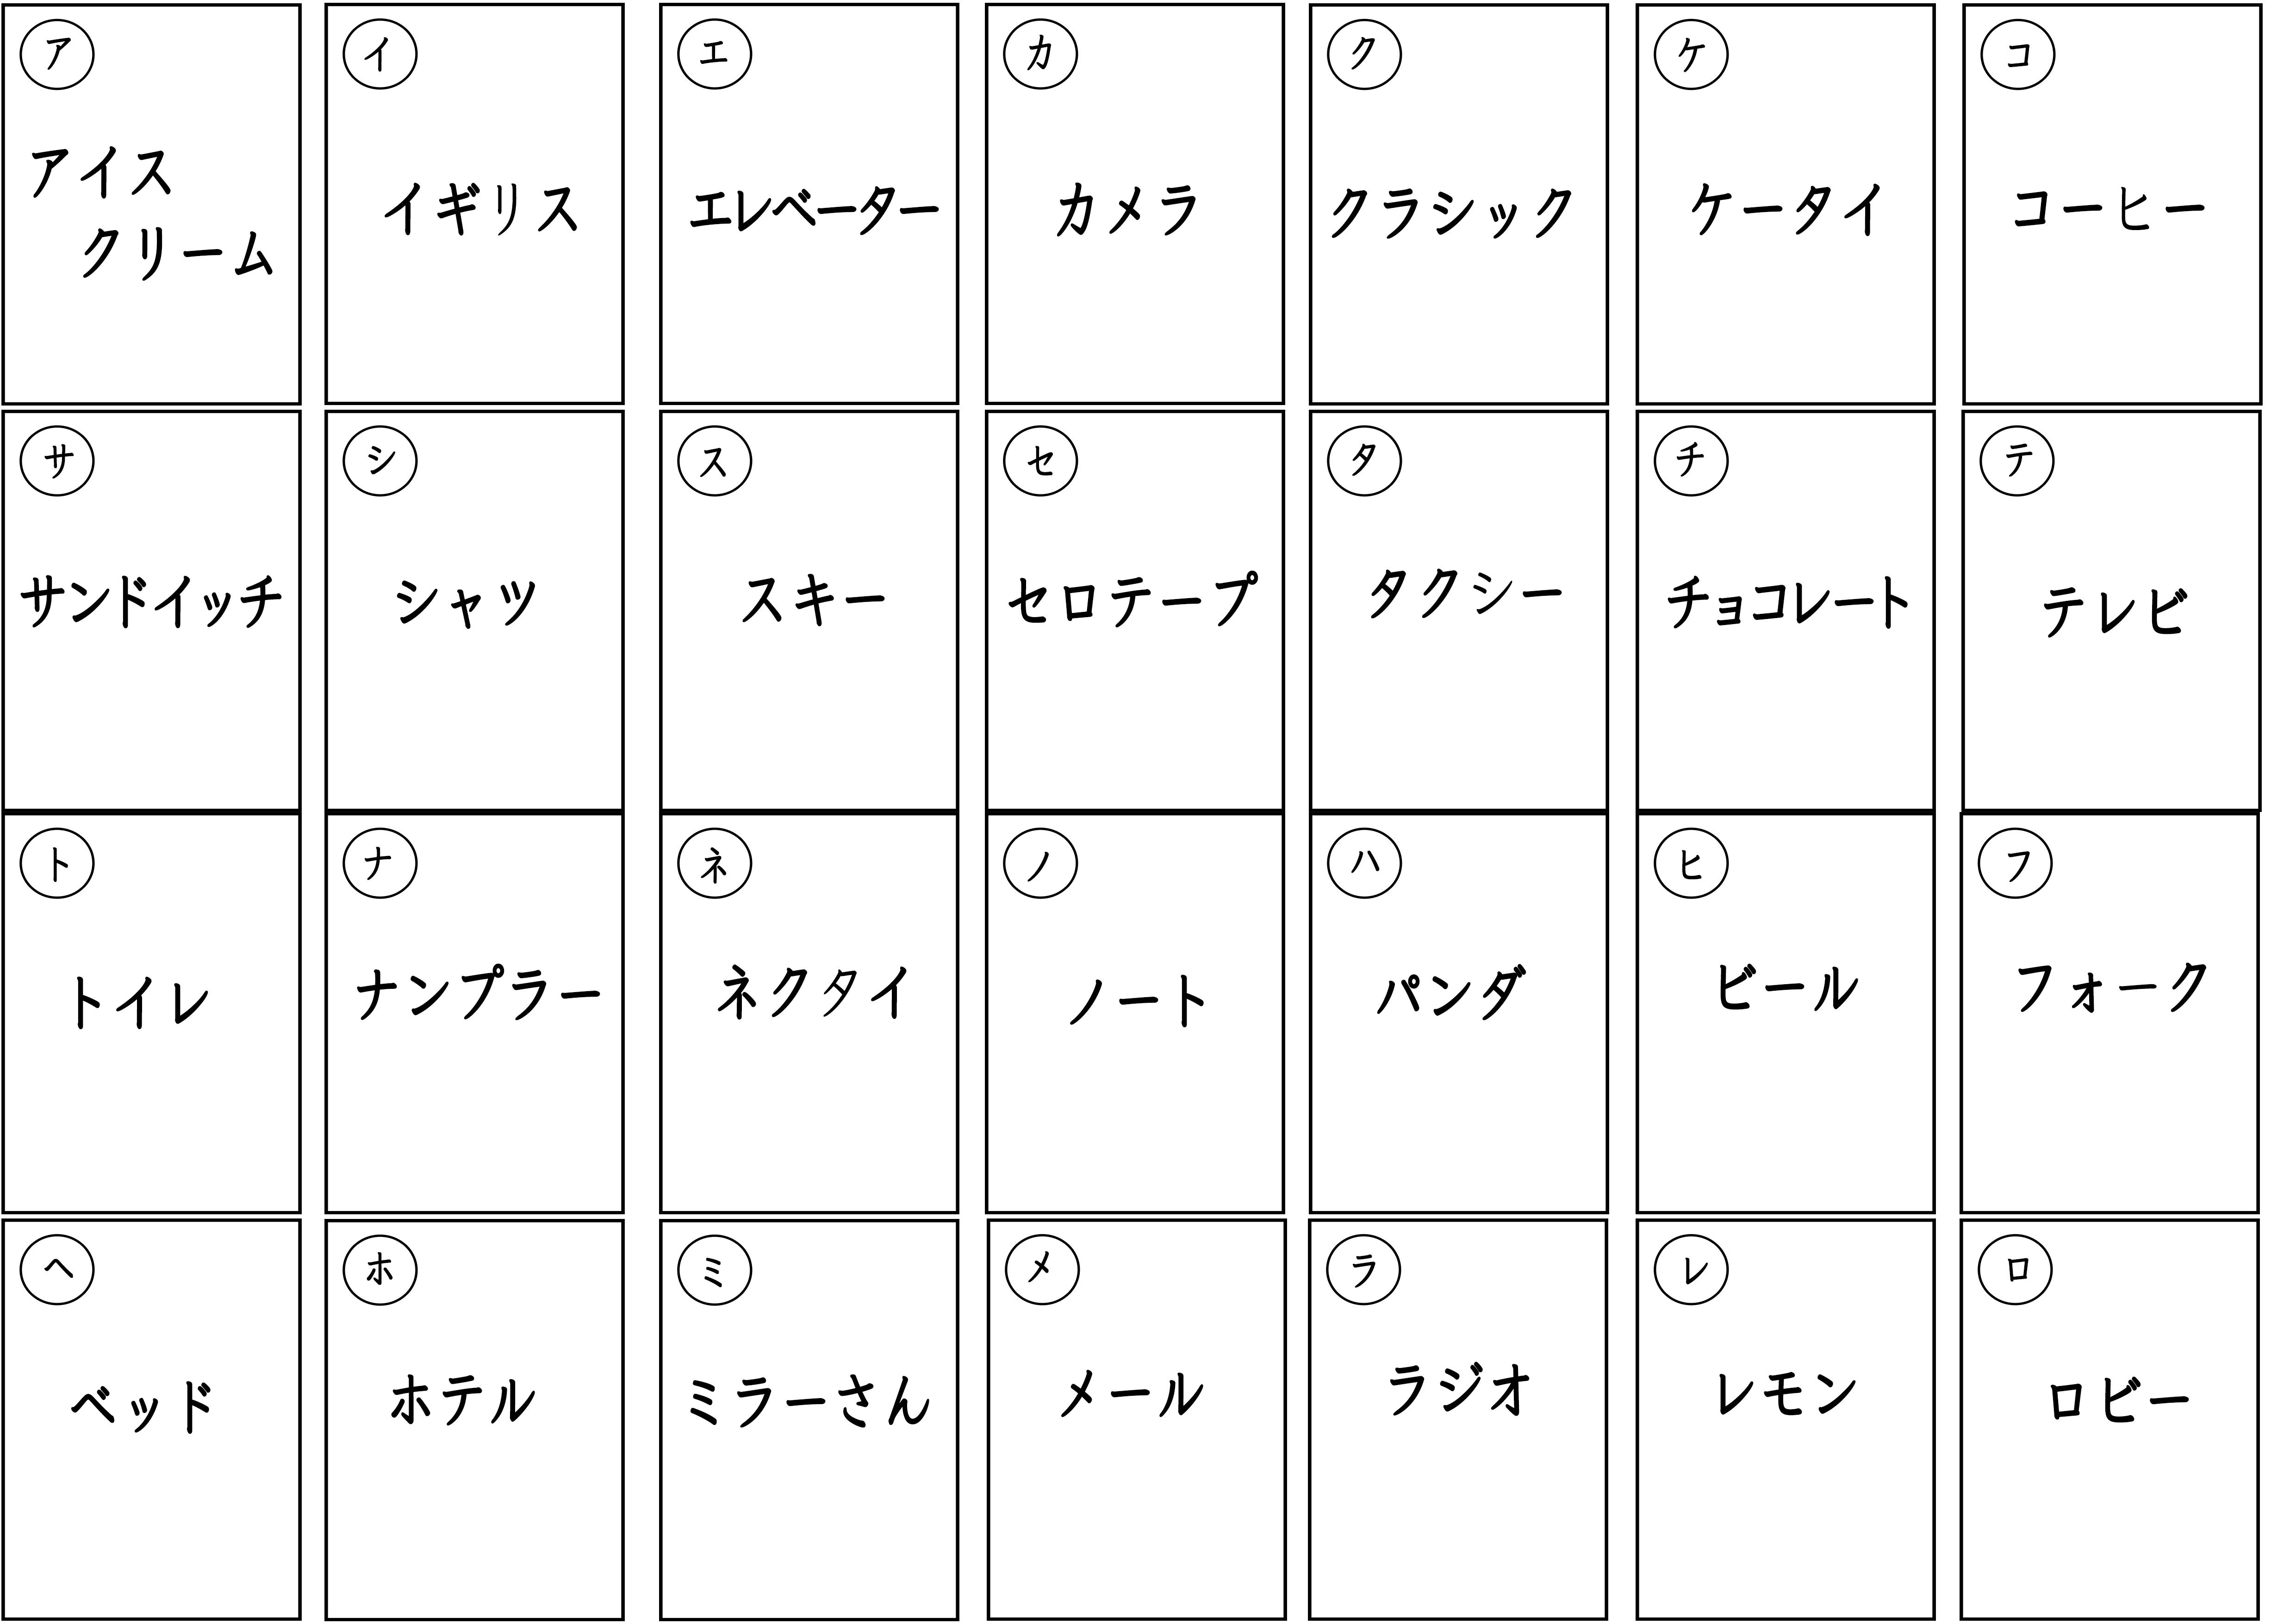 カルタ・文字・カタカナ・日本語教師